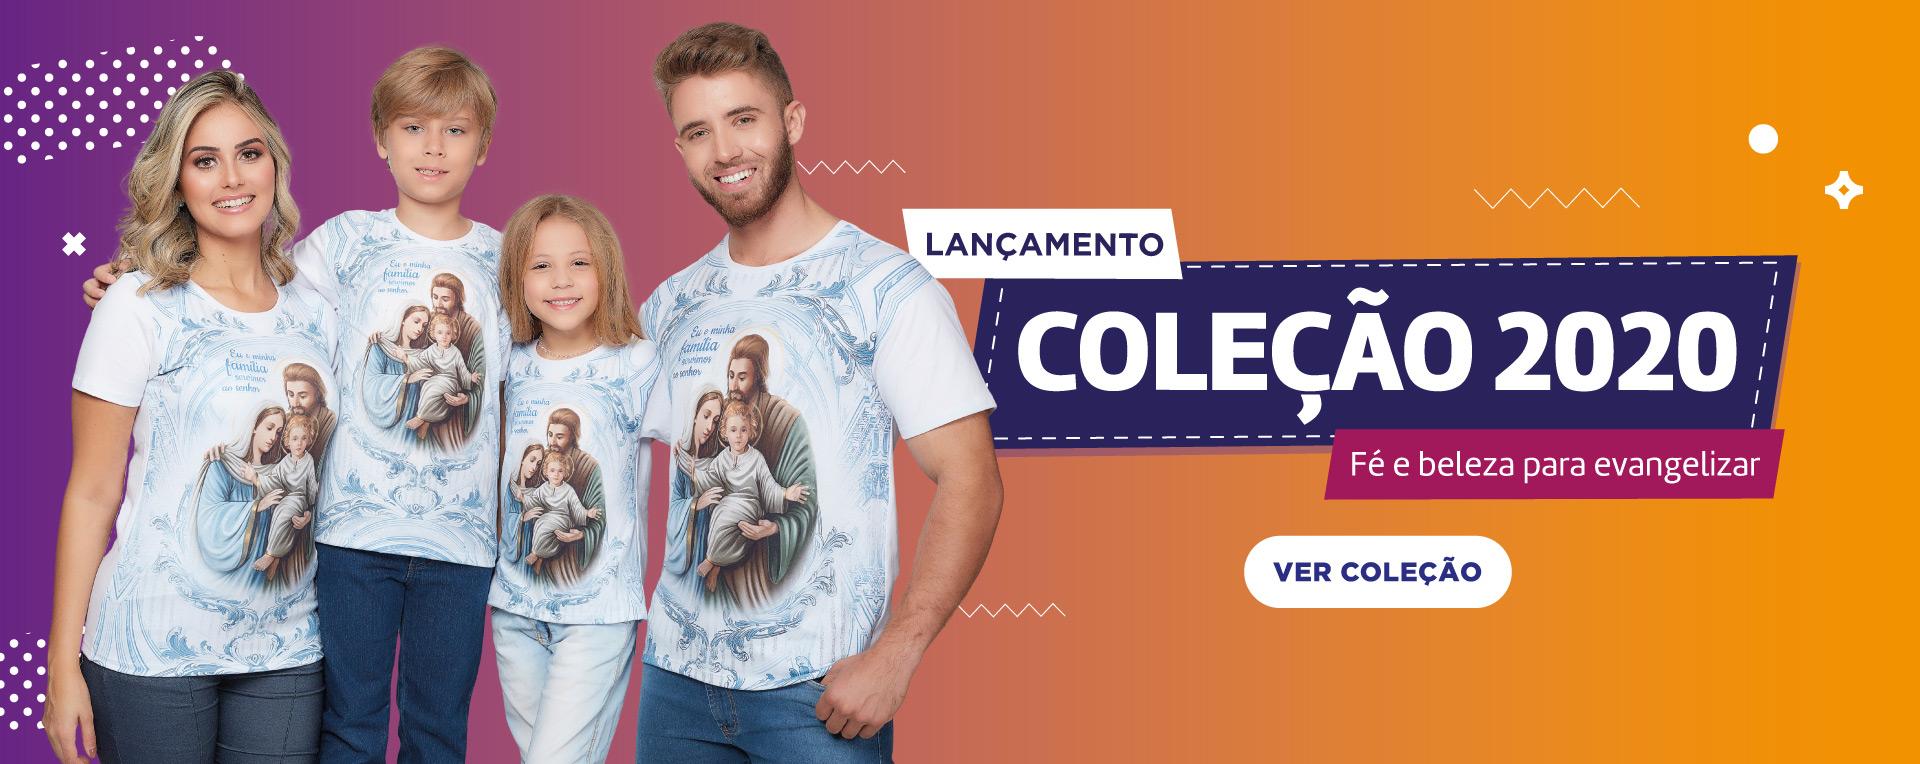 Lançamento Janeiro - S. Familia